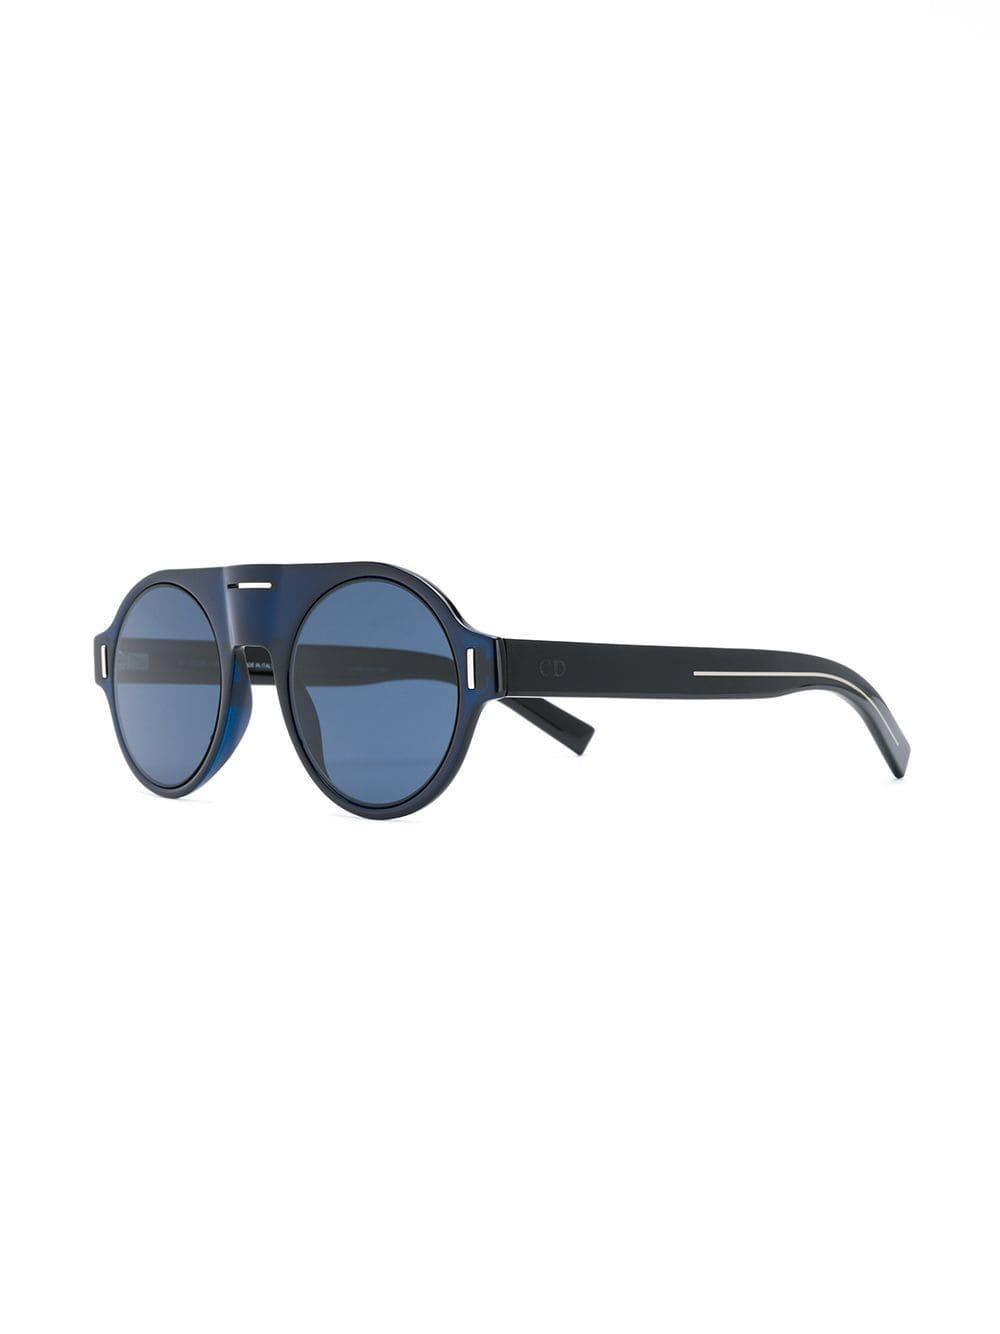 e8d1810a73 Dior eyewear gafas de sol fraction - azul